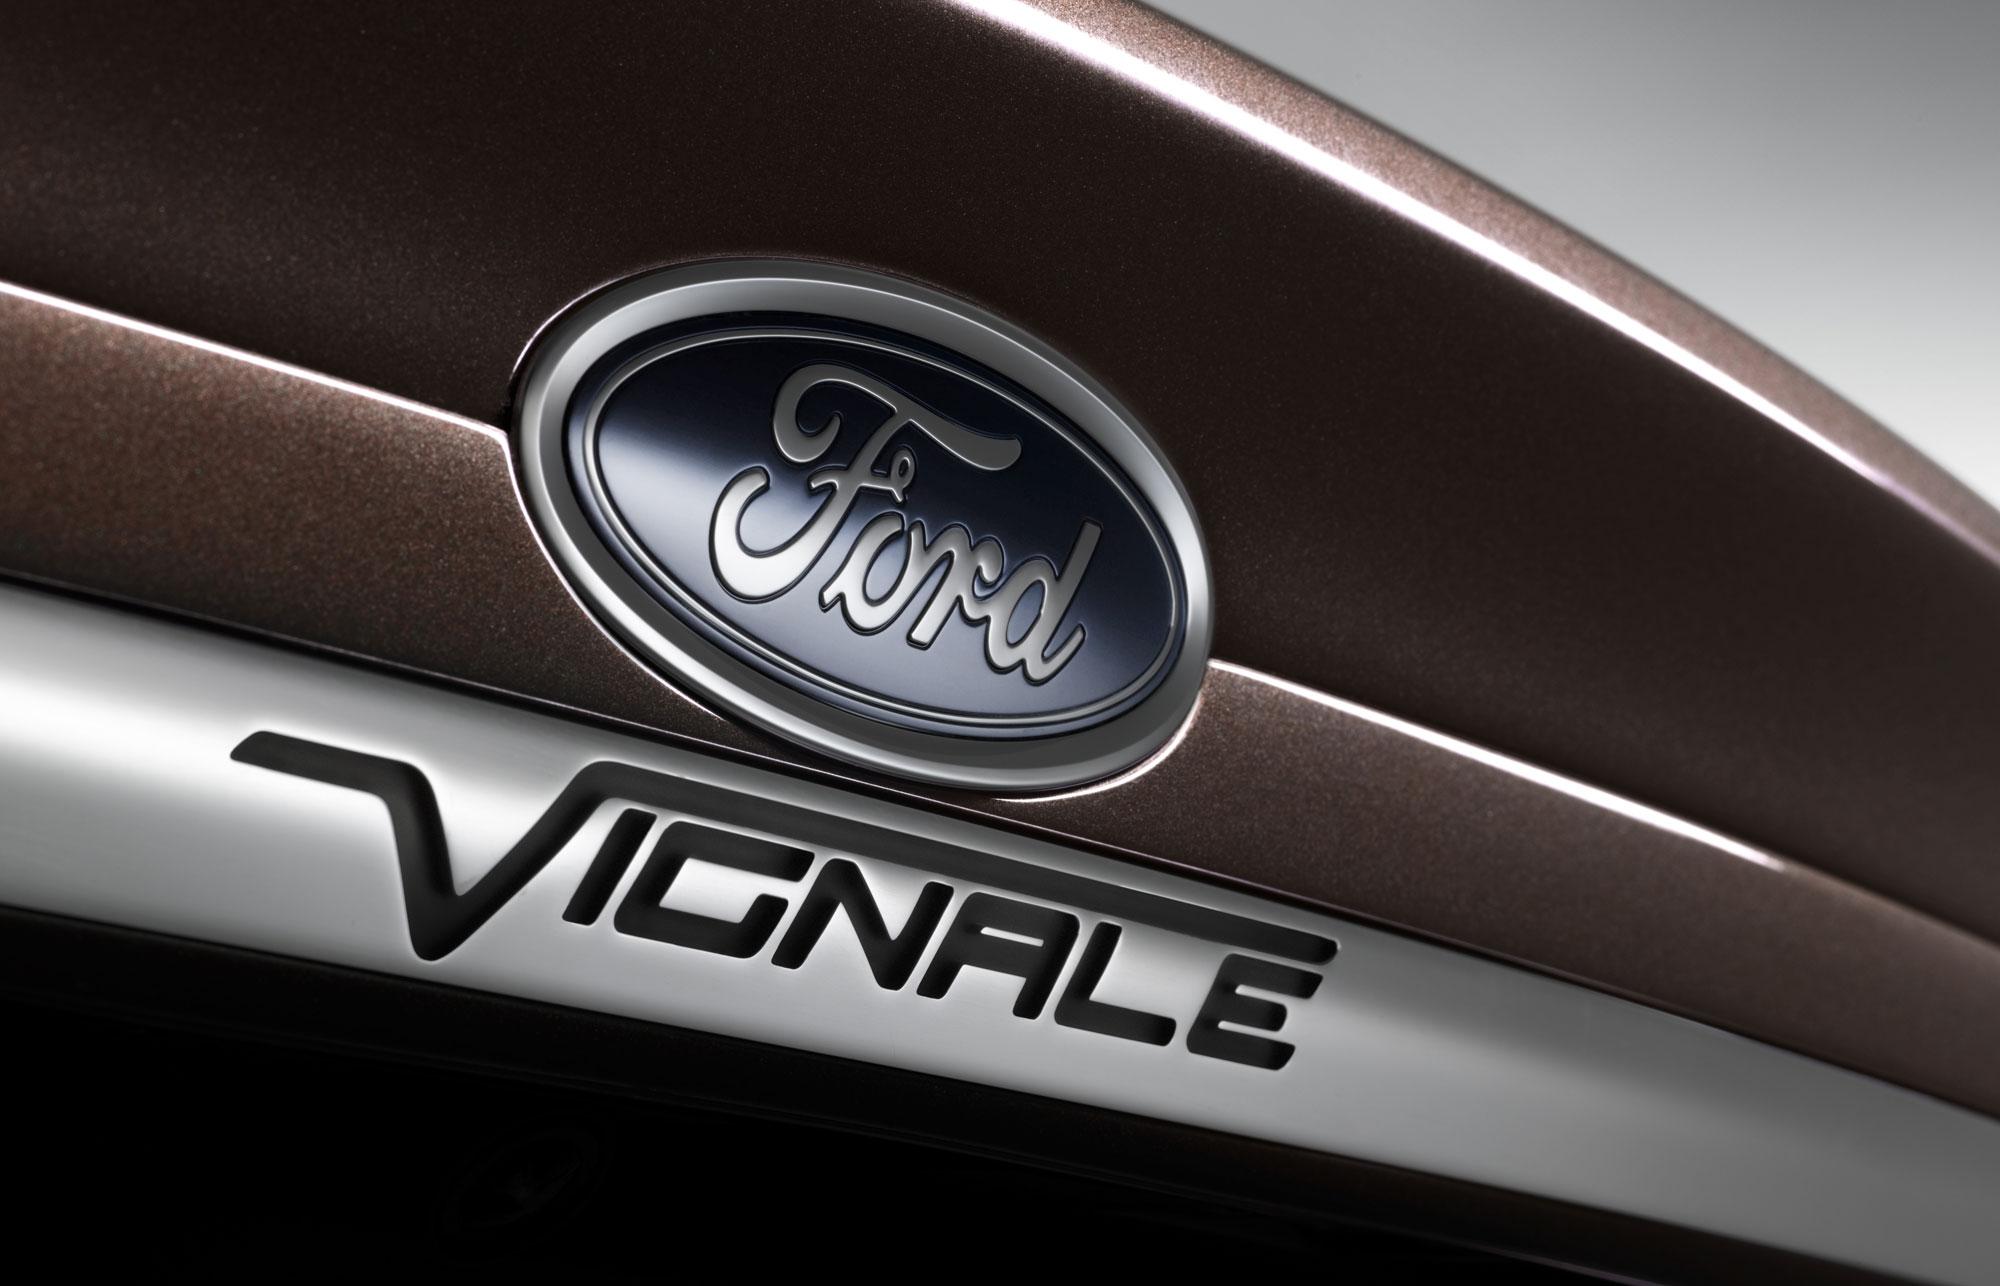 Spécial Salon de l'automobile : Leasing Vignale à 1,9 % !